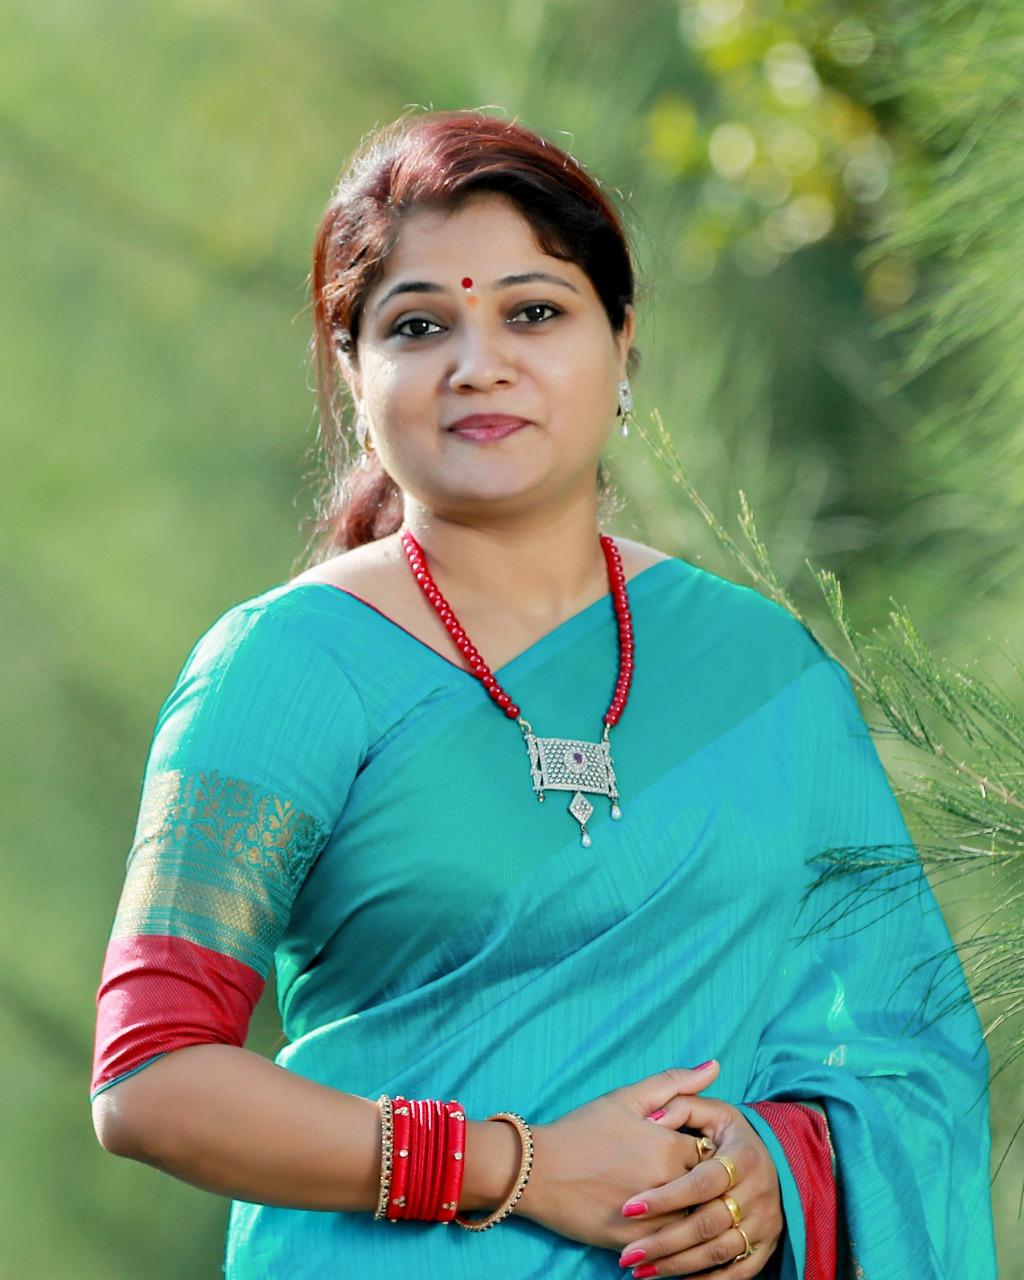 'महिलांनी घडविलेला महाराष्ट्र'या विषयावर निवेदिका क्षिप्रा मानकरयांचे व्याख्यान